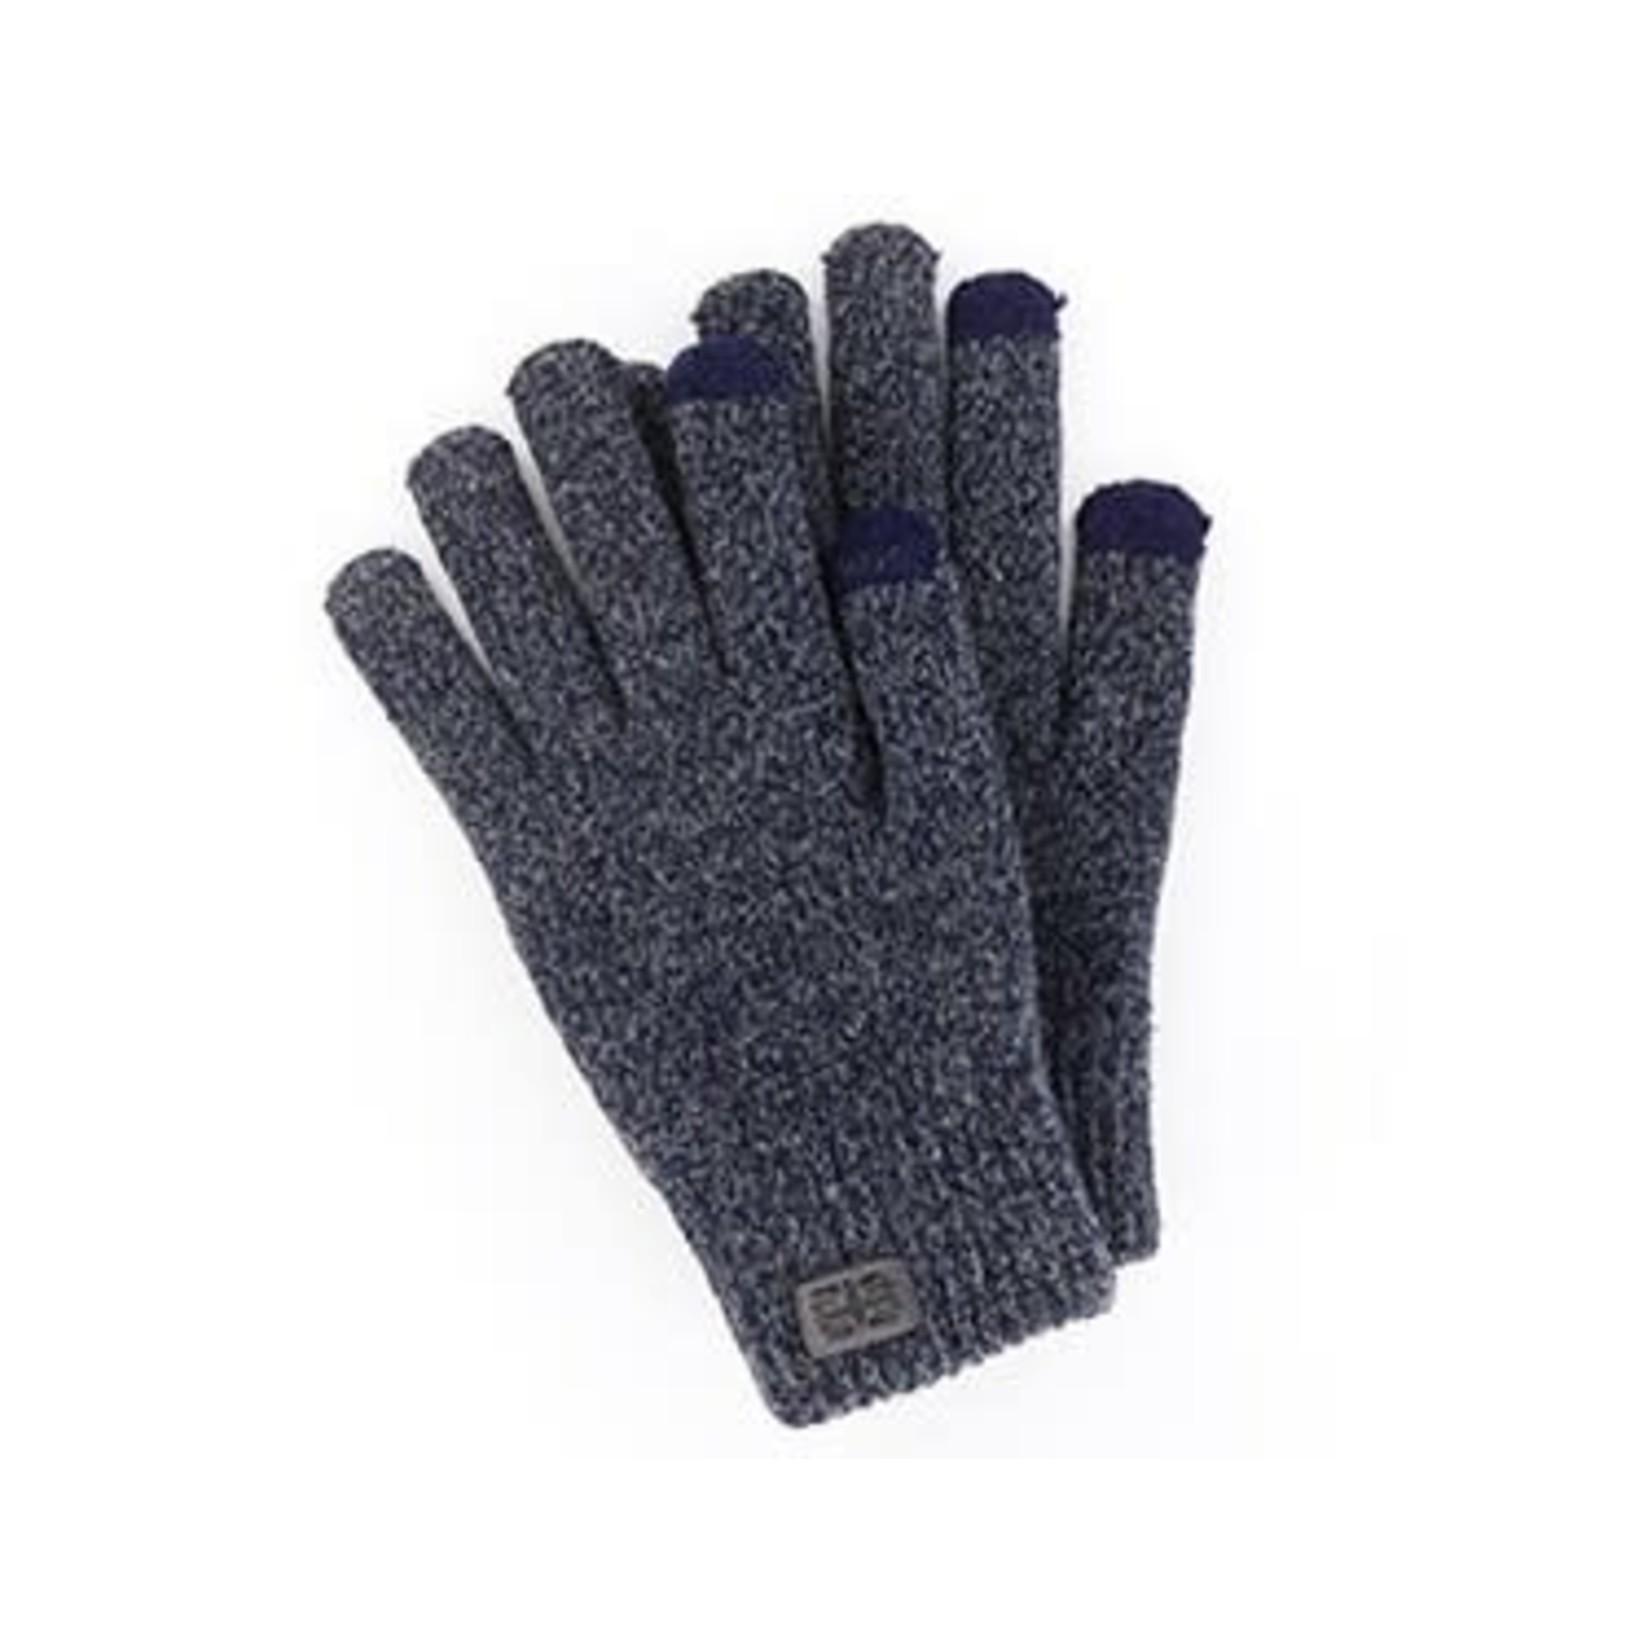 Men's Frontier Gloves - Navy